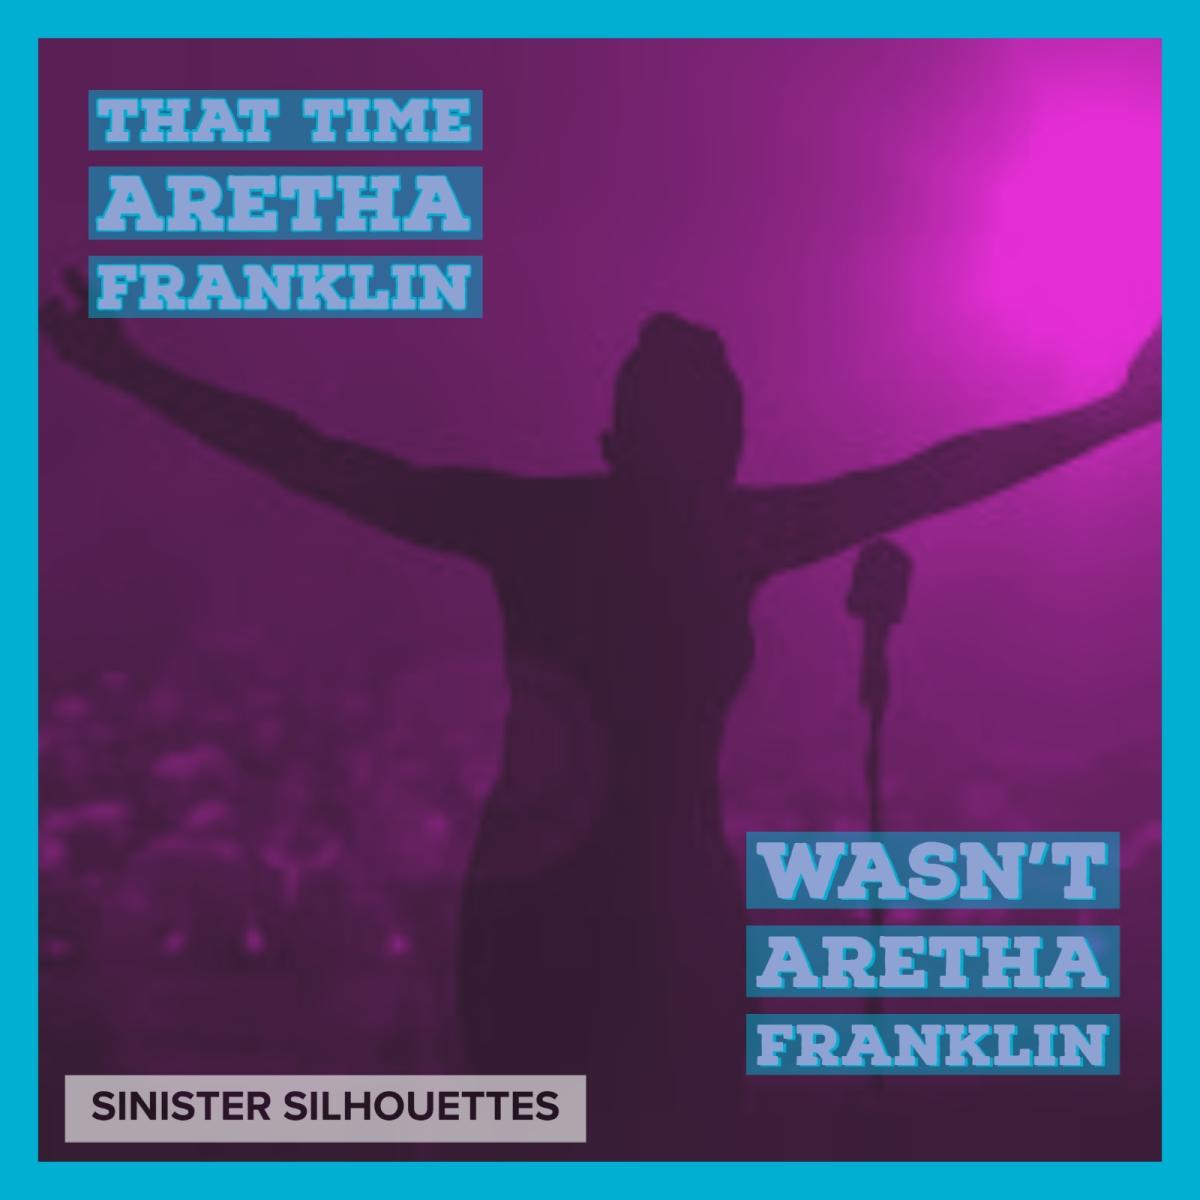 That Time Aretha Franklin Wasn't ArethaFranklin